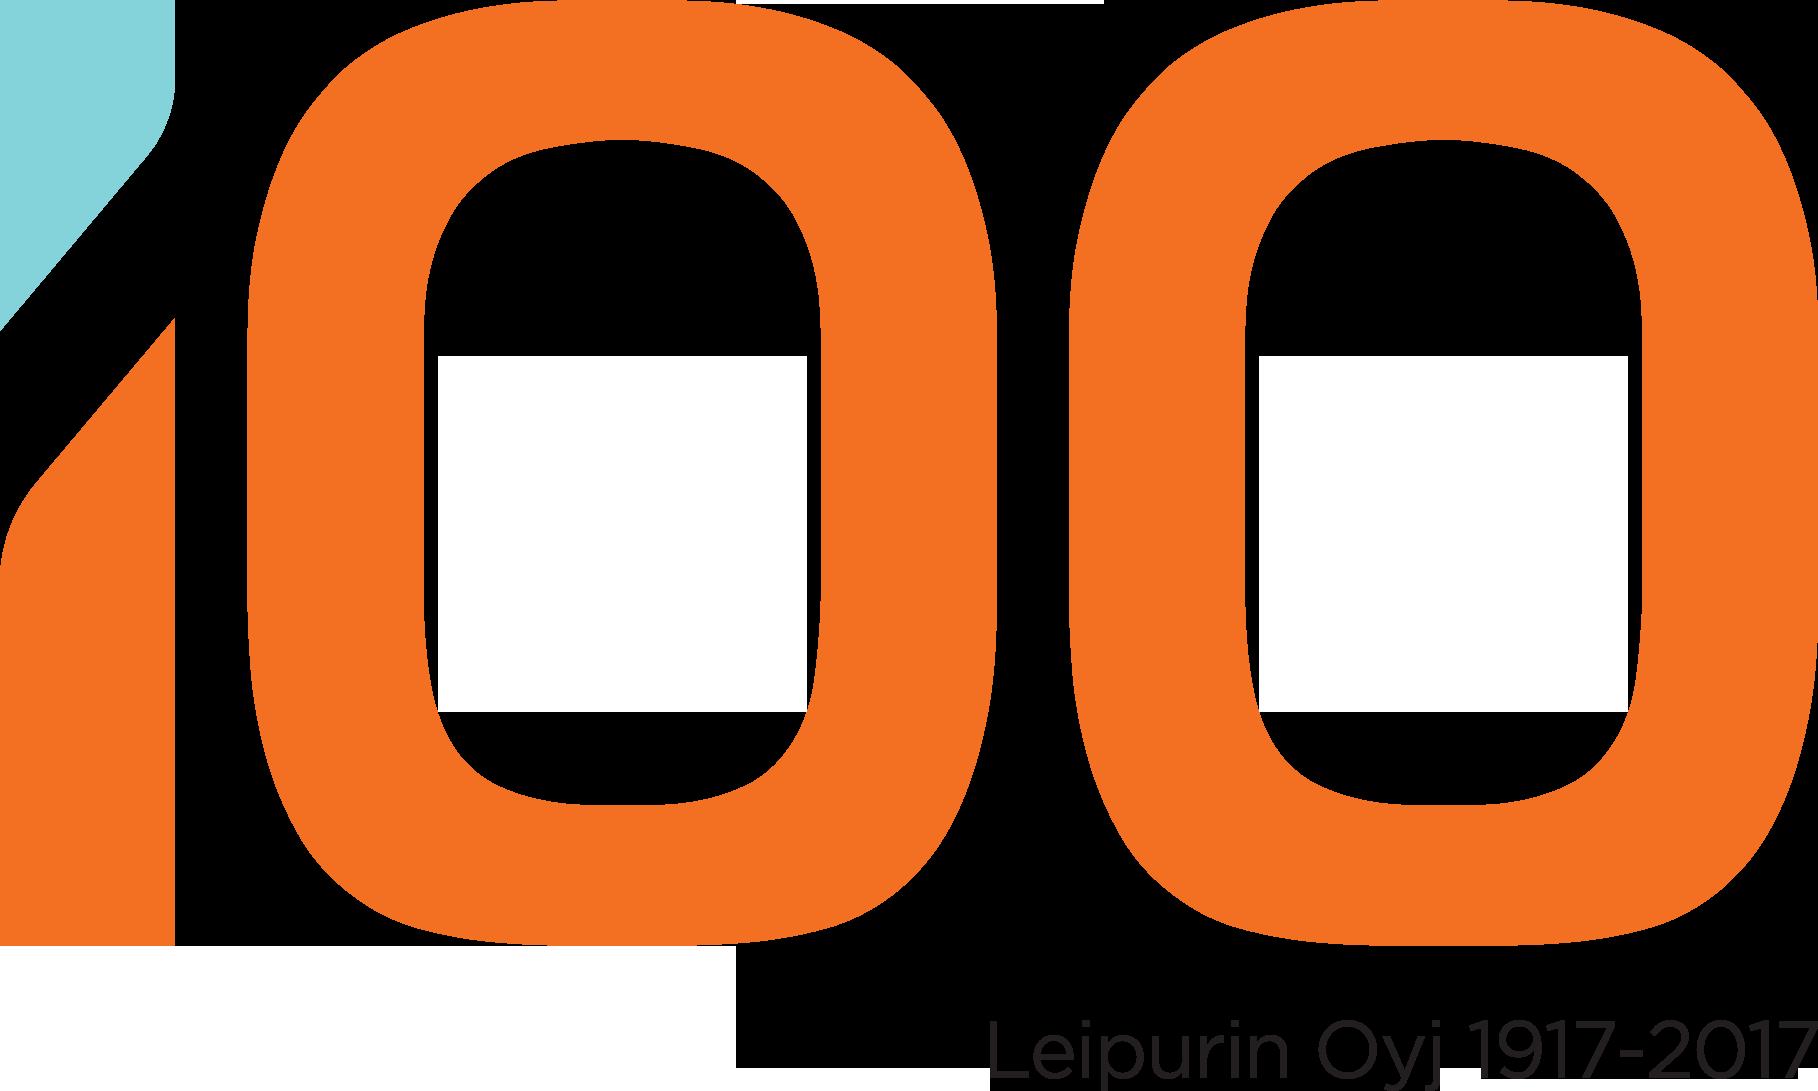 100v_logo_4-color_rgb.png